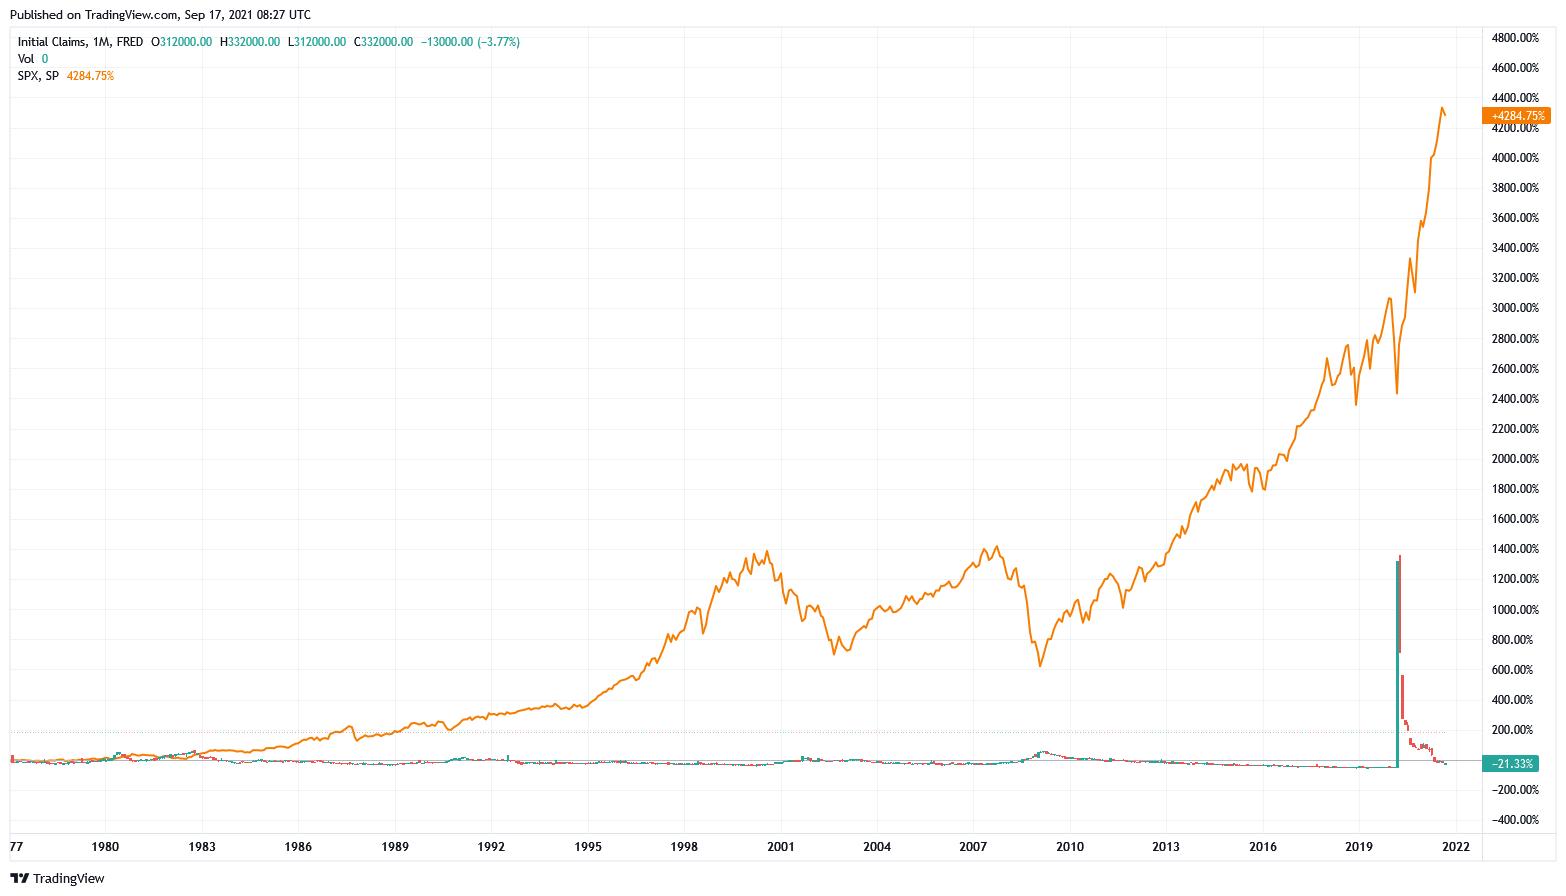 Initial Jobless Claims und des S&P 500 im Zeitverlauf